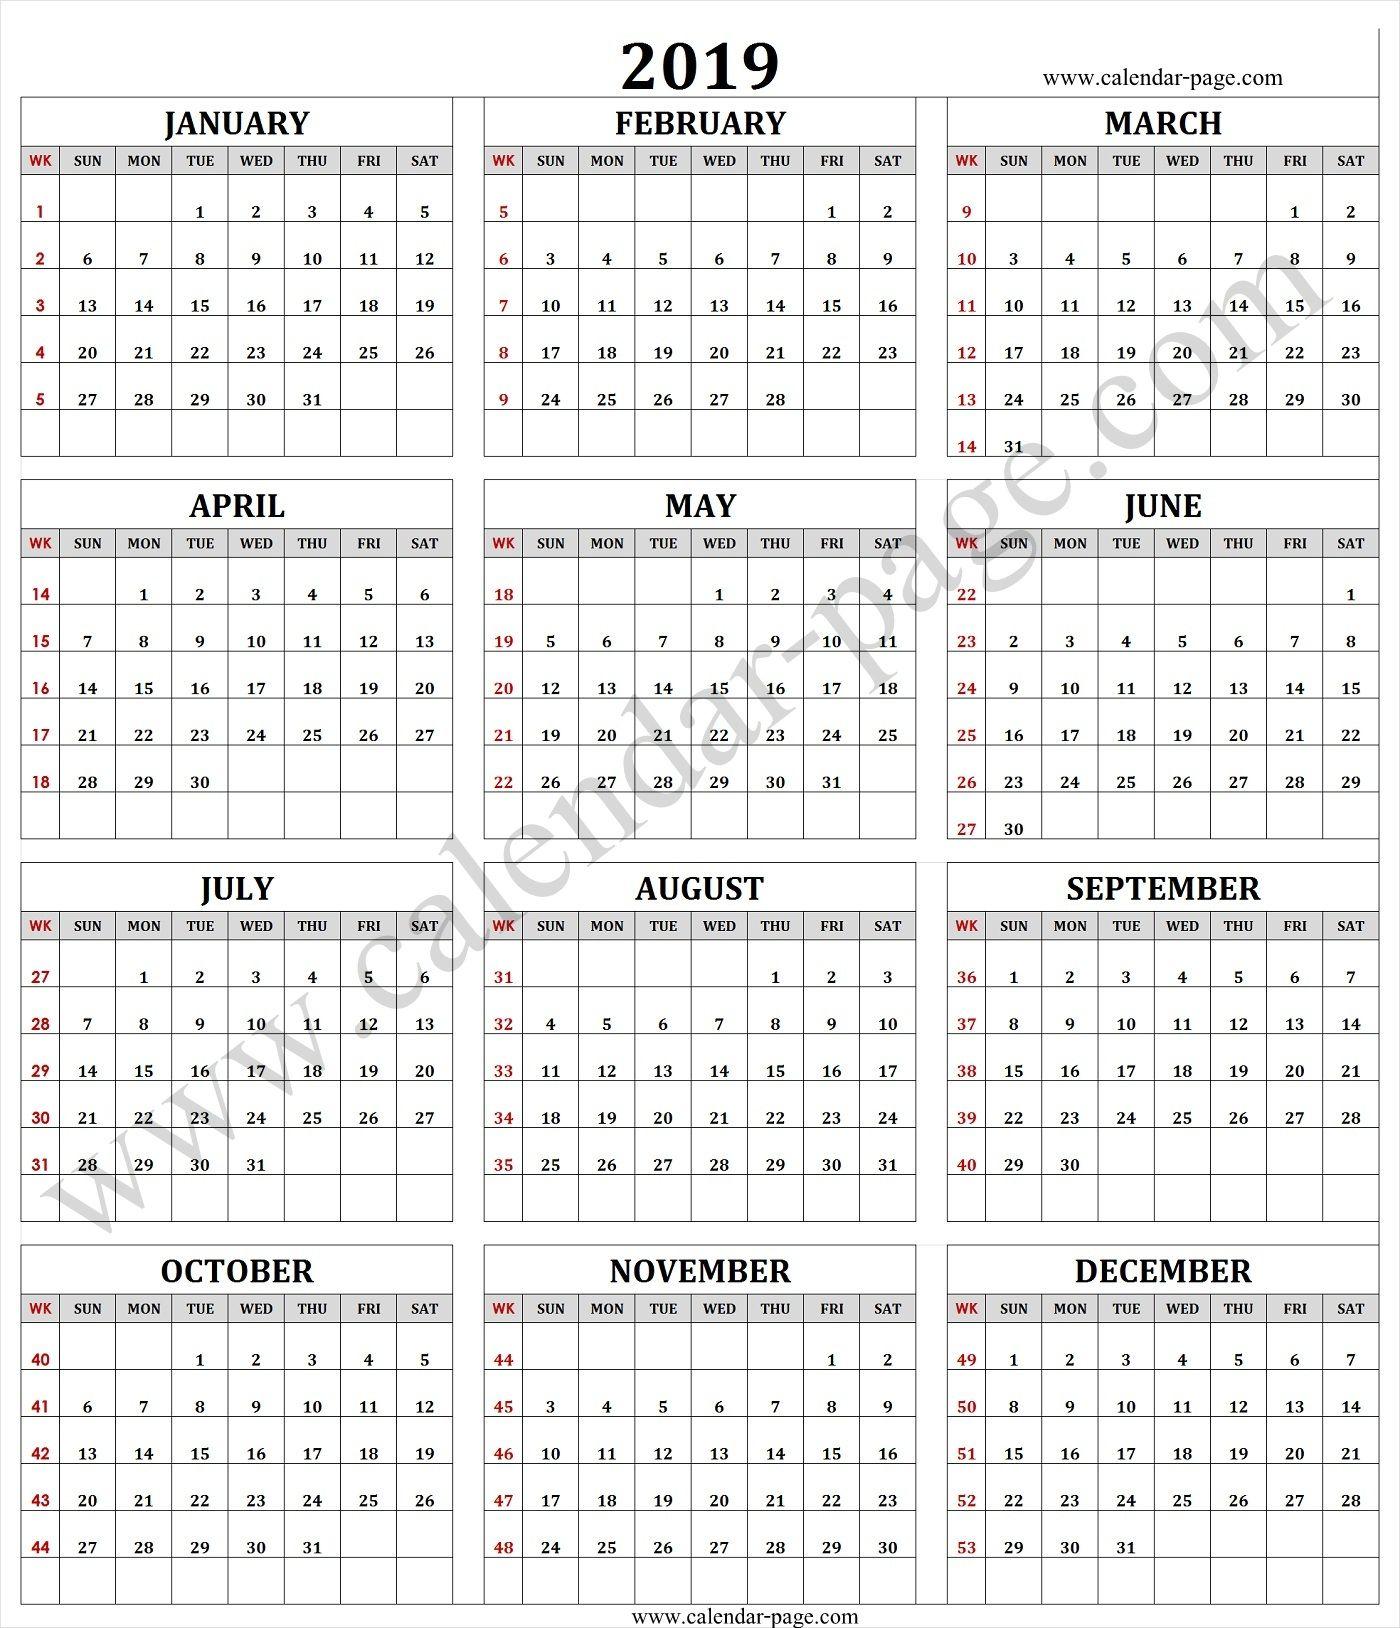 Calendar 2019 With Week Numbers Calendar 2019 With Week Numbers